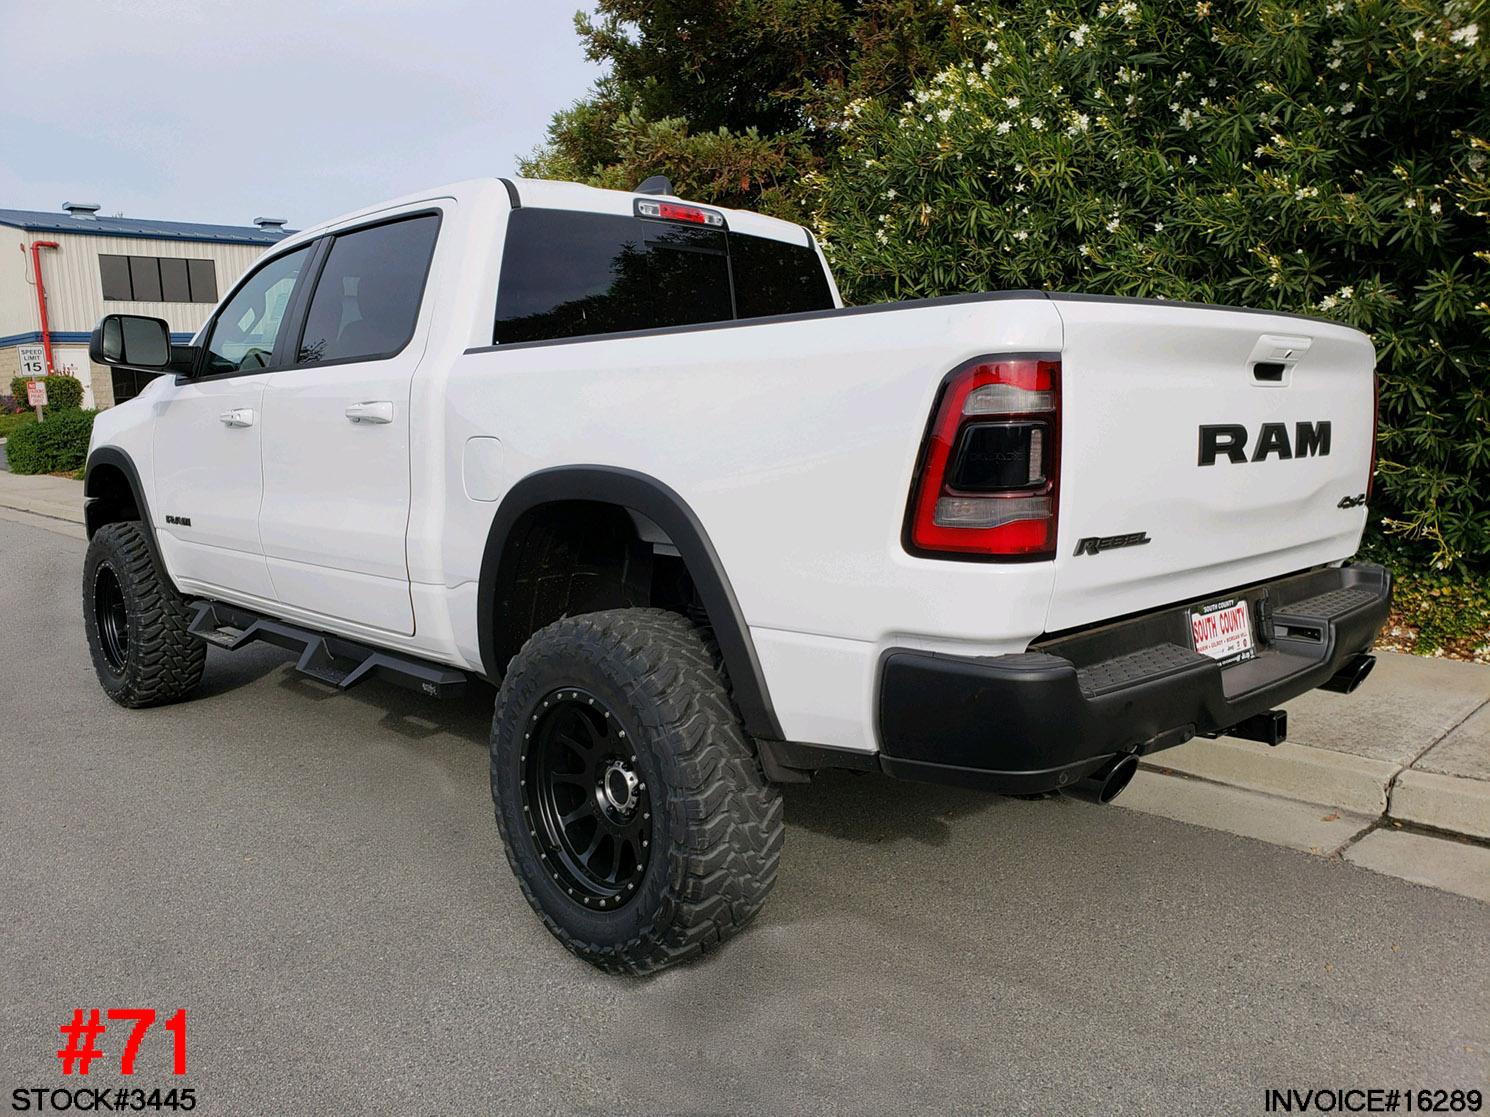 3445-2019 RAM 1500 CREW CAB REBEL